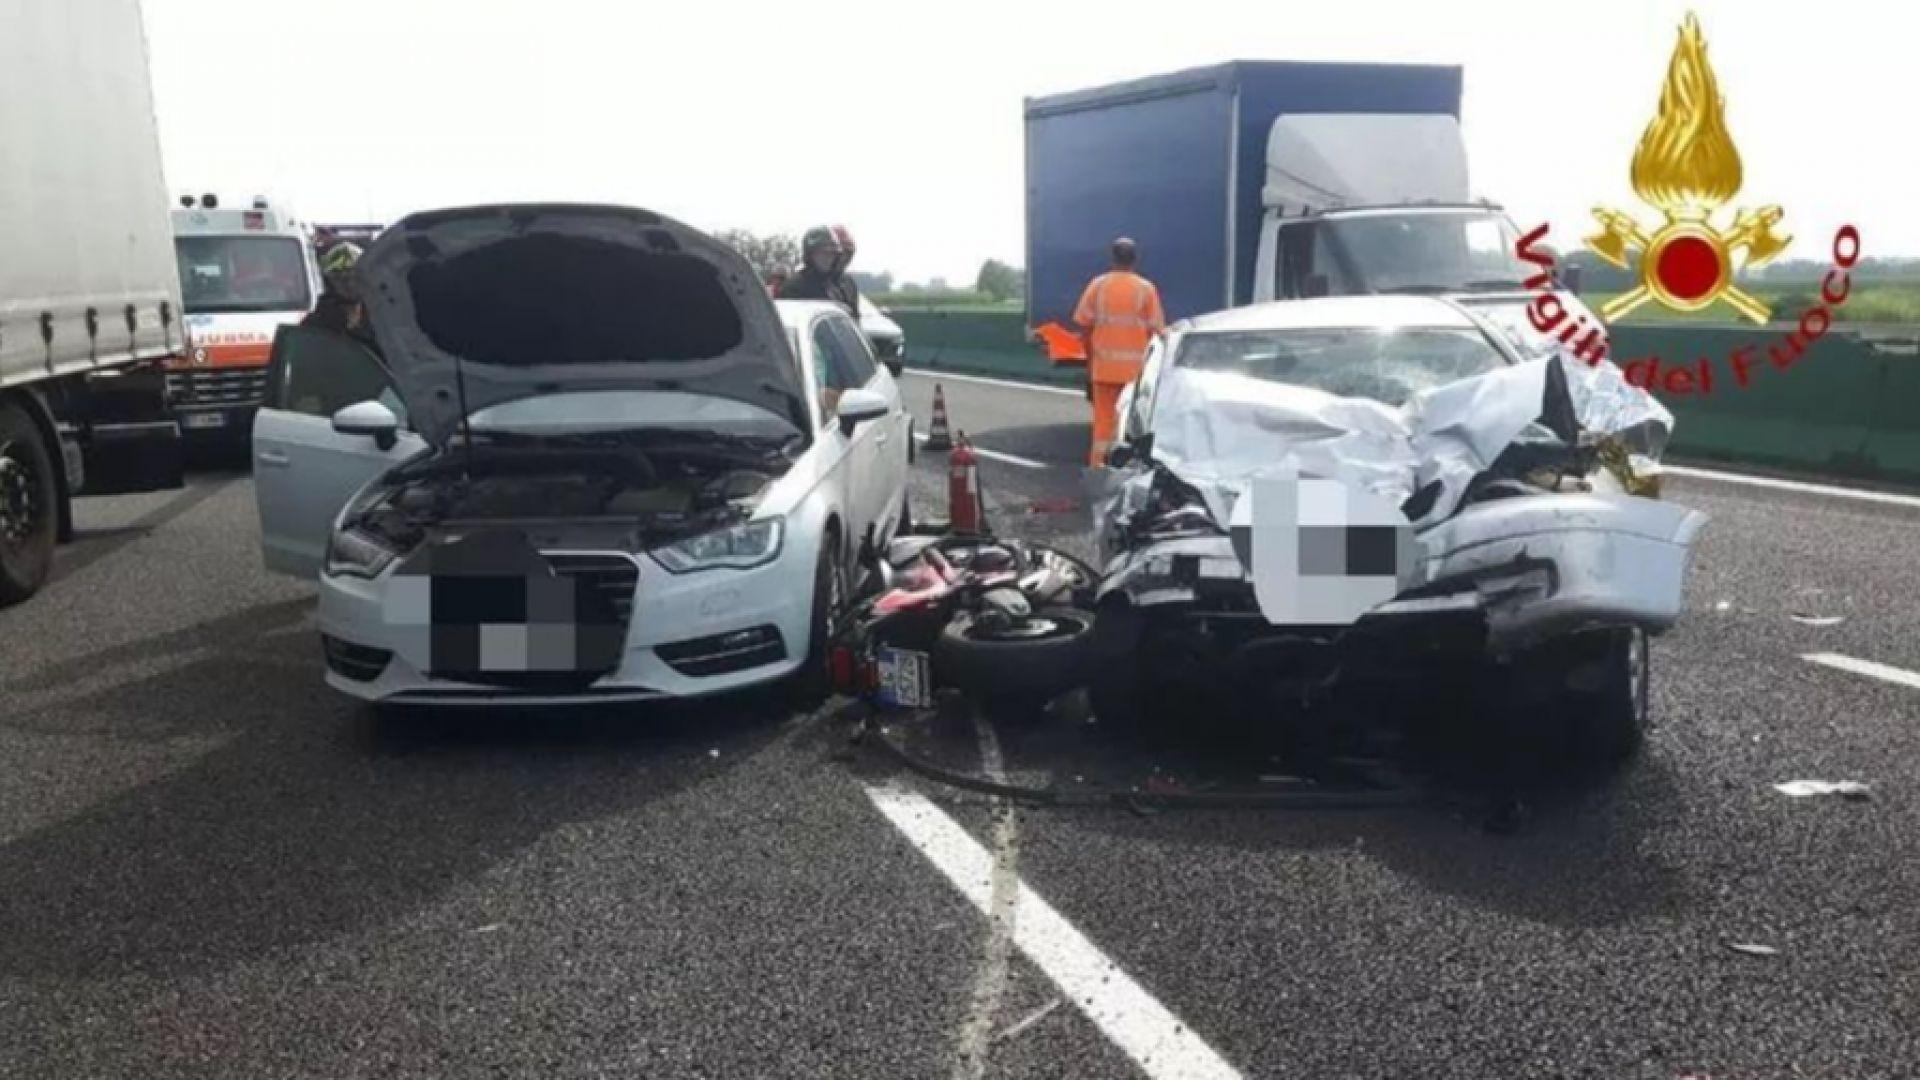 Българин загина при тежка катастрофа с 4 коли, камион и мотор в Италия